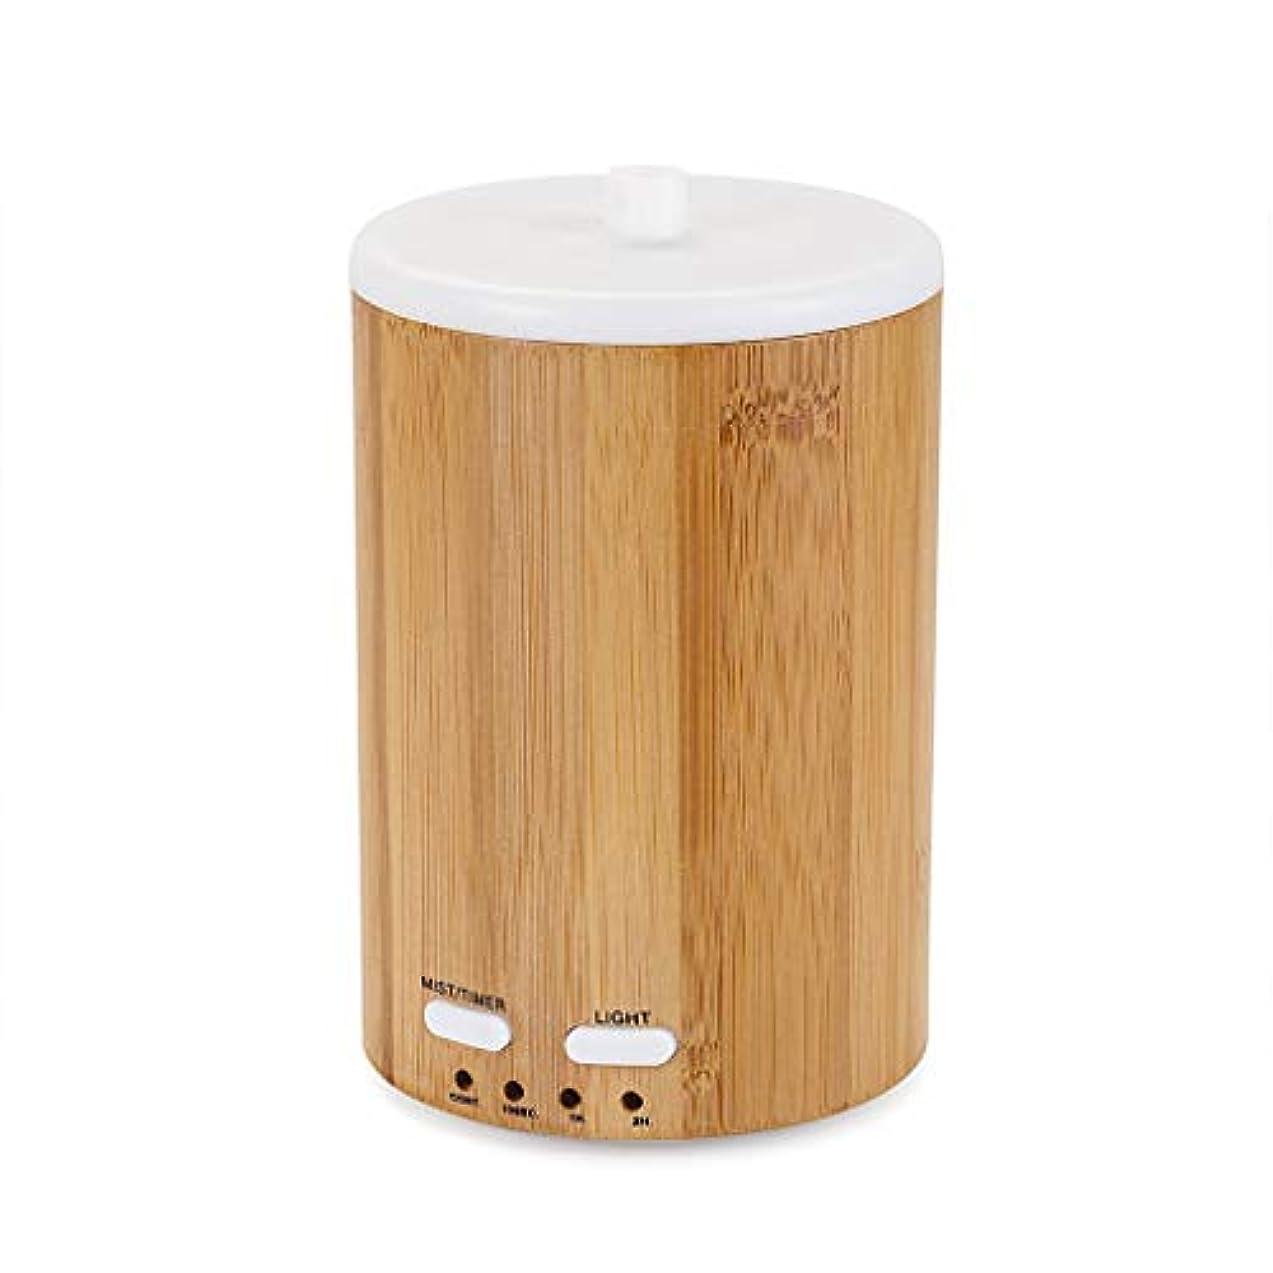 モーター悩みリズムアップグレードされたリアル竹ディフューザー超音波ディフューザークールミスト加湿器断続的な連続ミスト2作業モードウォーターレスオートオフ7色LEDライト (Color : Bamboo)